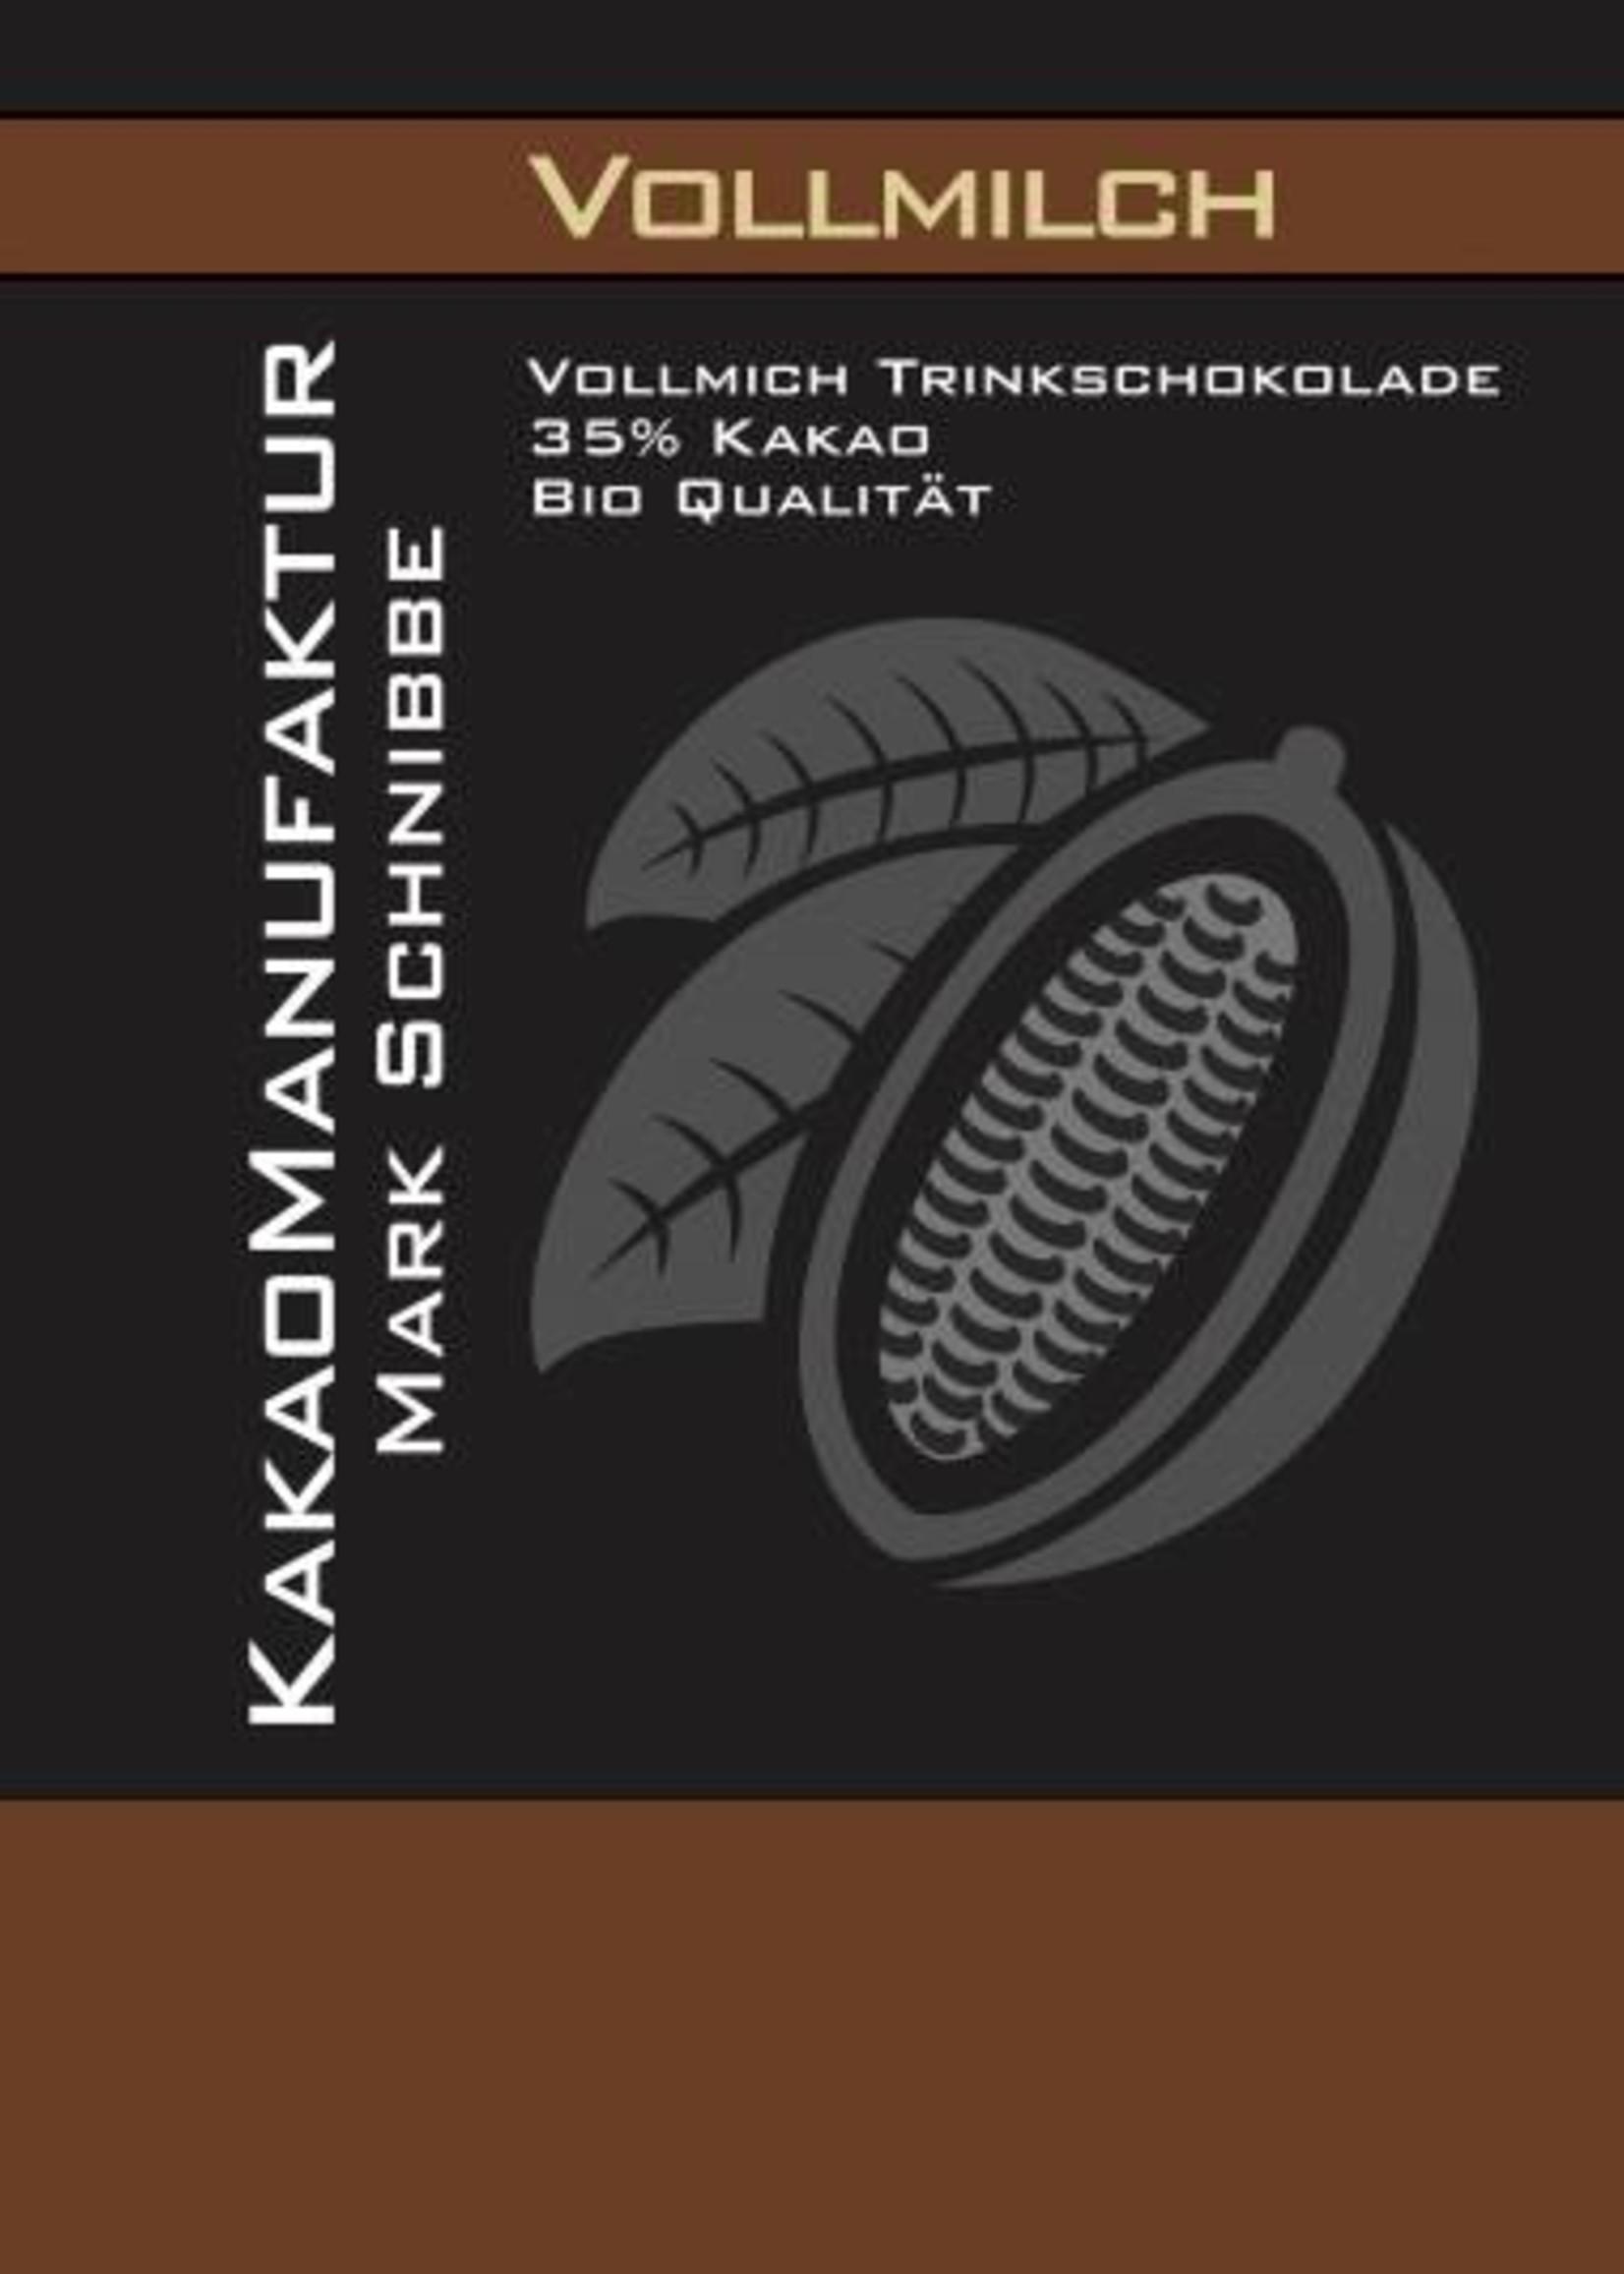 Bio Trinkschokolade Vollmilch 35%